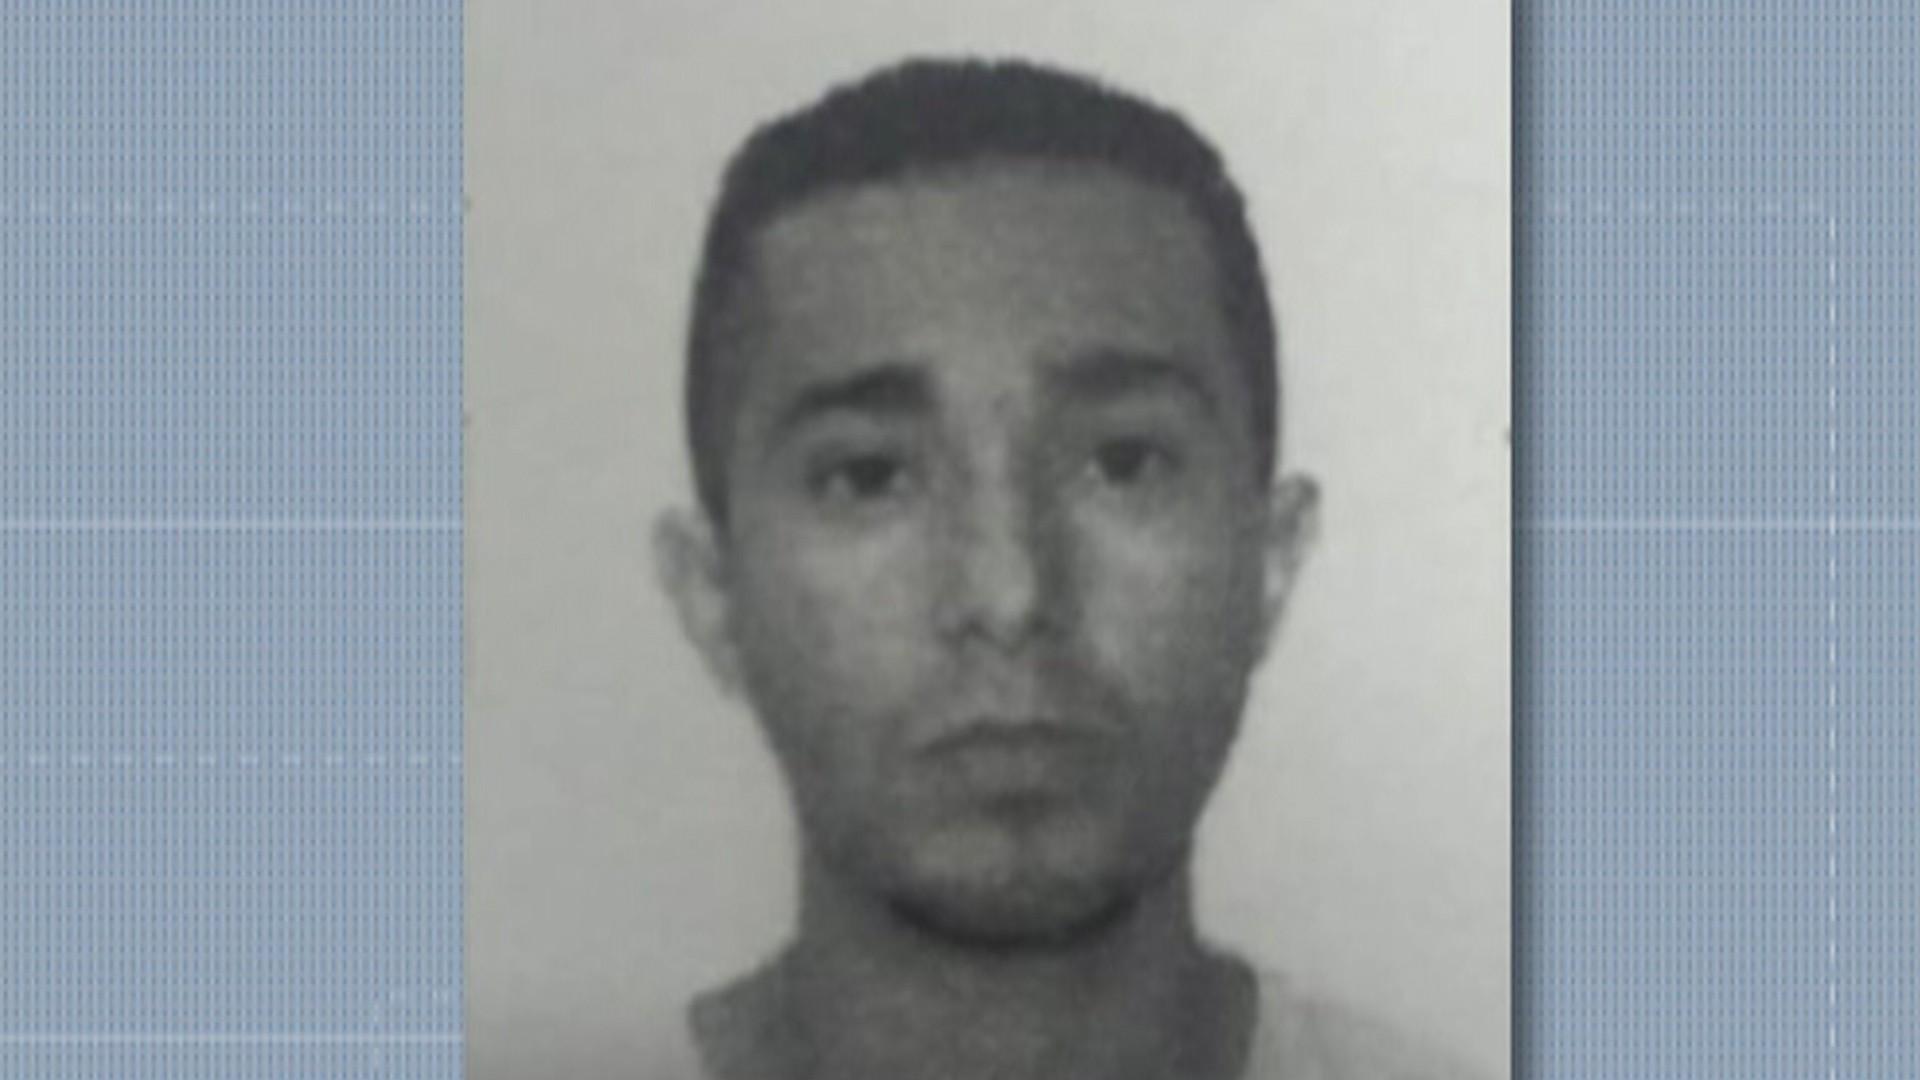 Dupla é presa por suspeita de matar ajudante de eletricista em Mogi, no ano passado  - Notícias - Plantão Diário